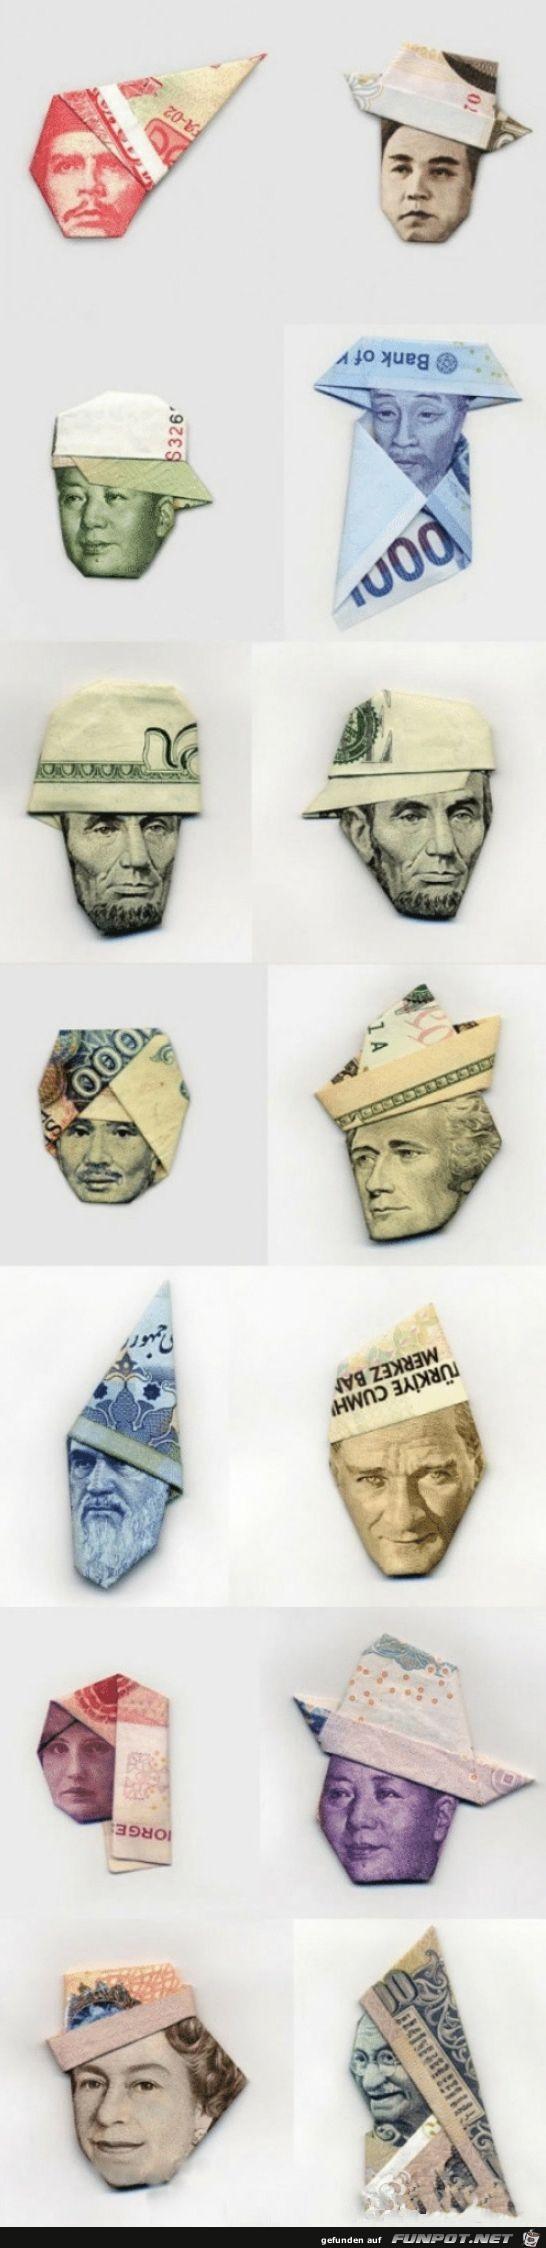 Geldschein-Kopfbedeckung